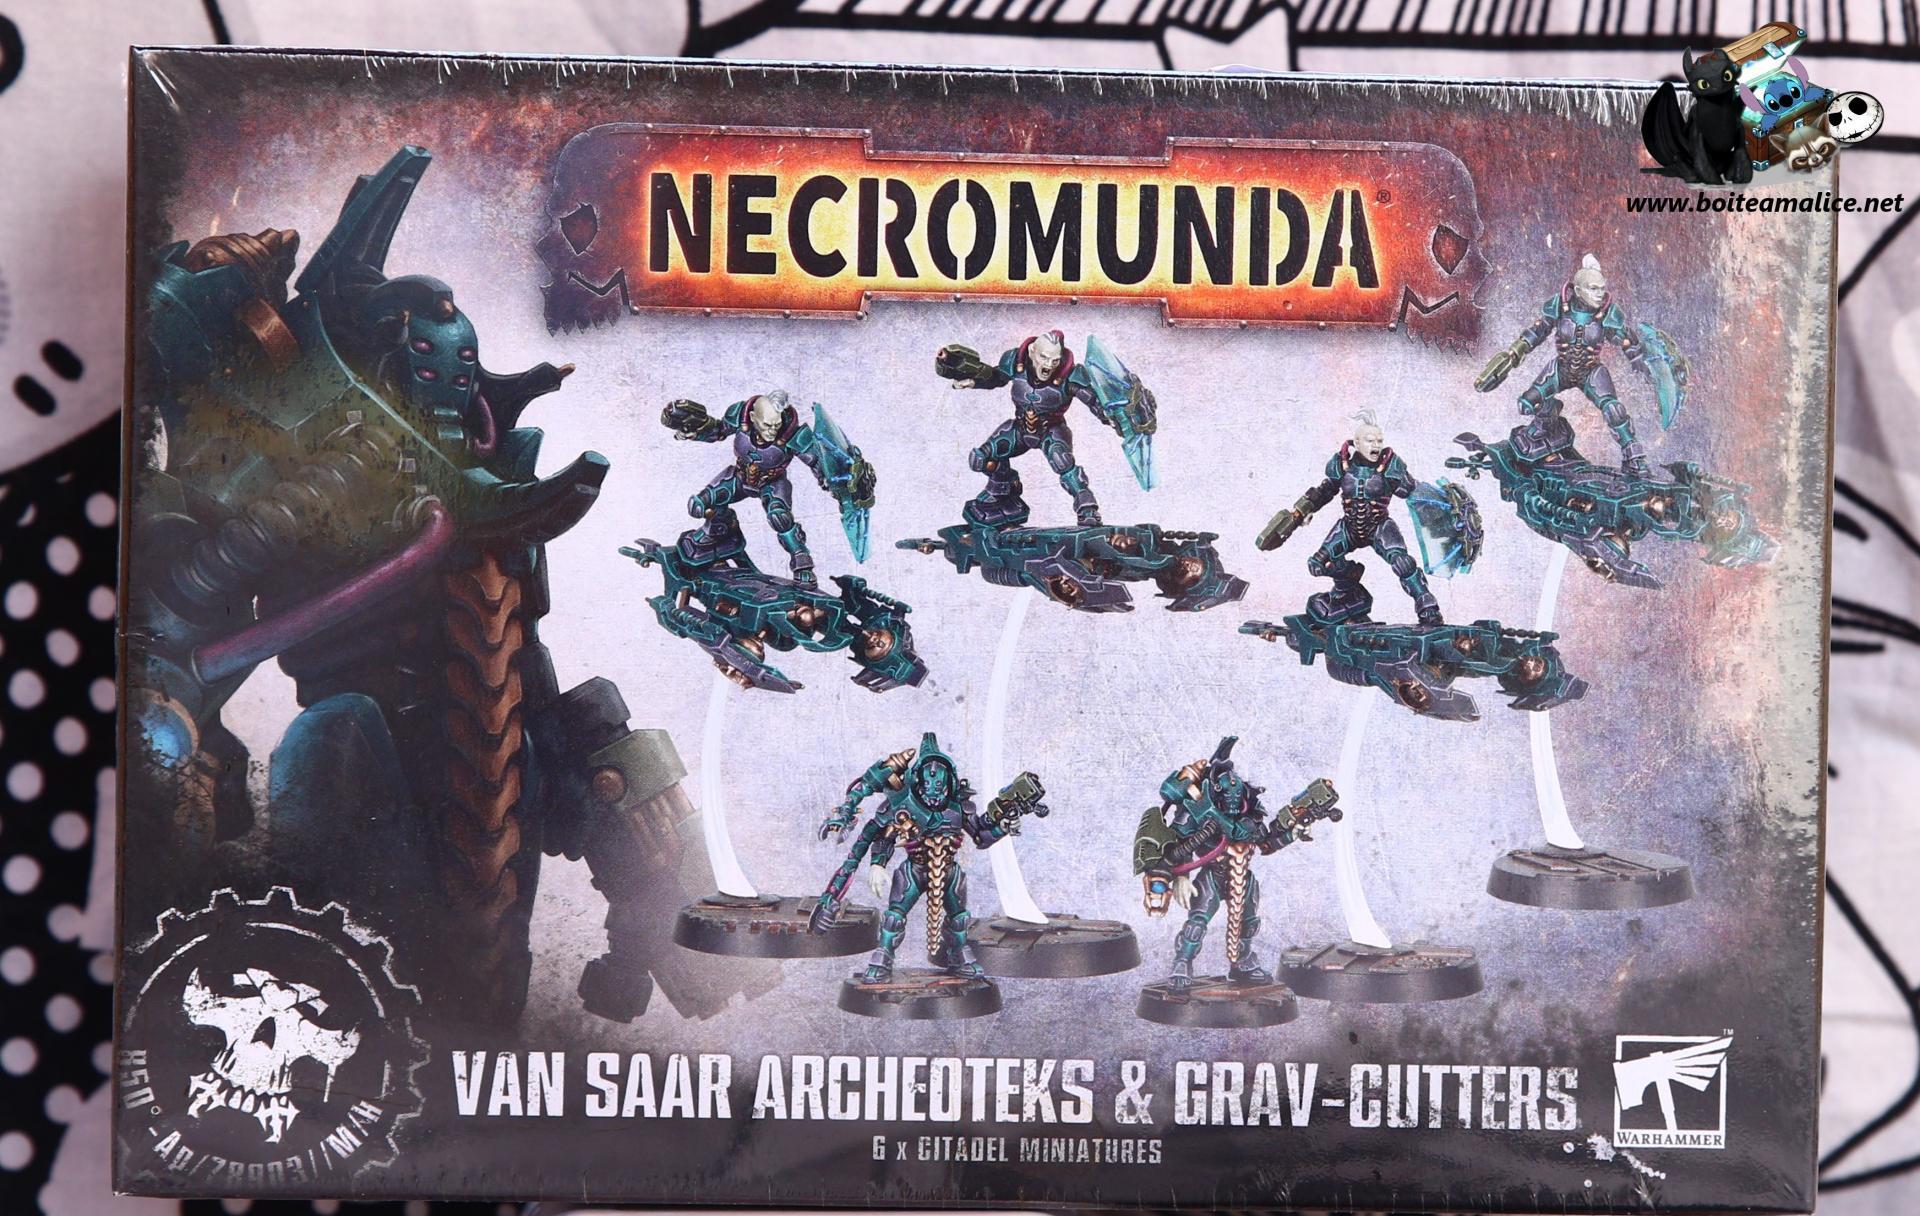 Warhammer necromunda van saar archeoteks grav cutters